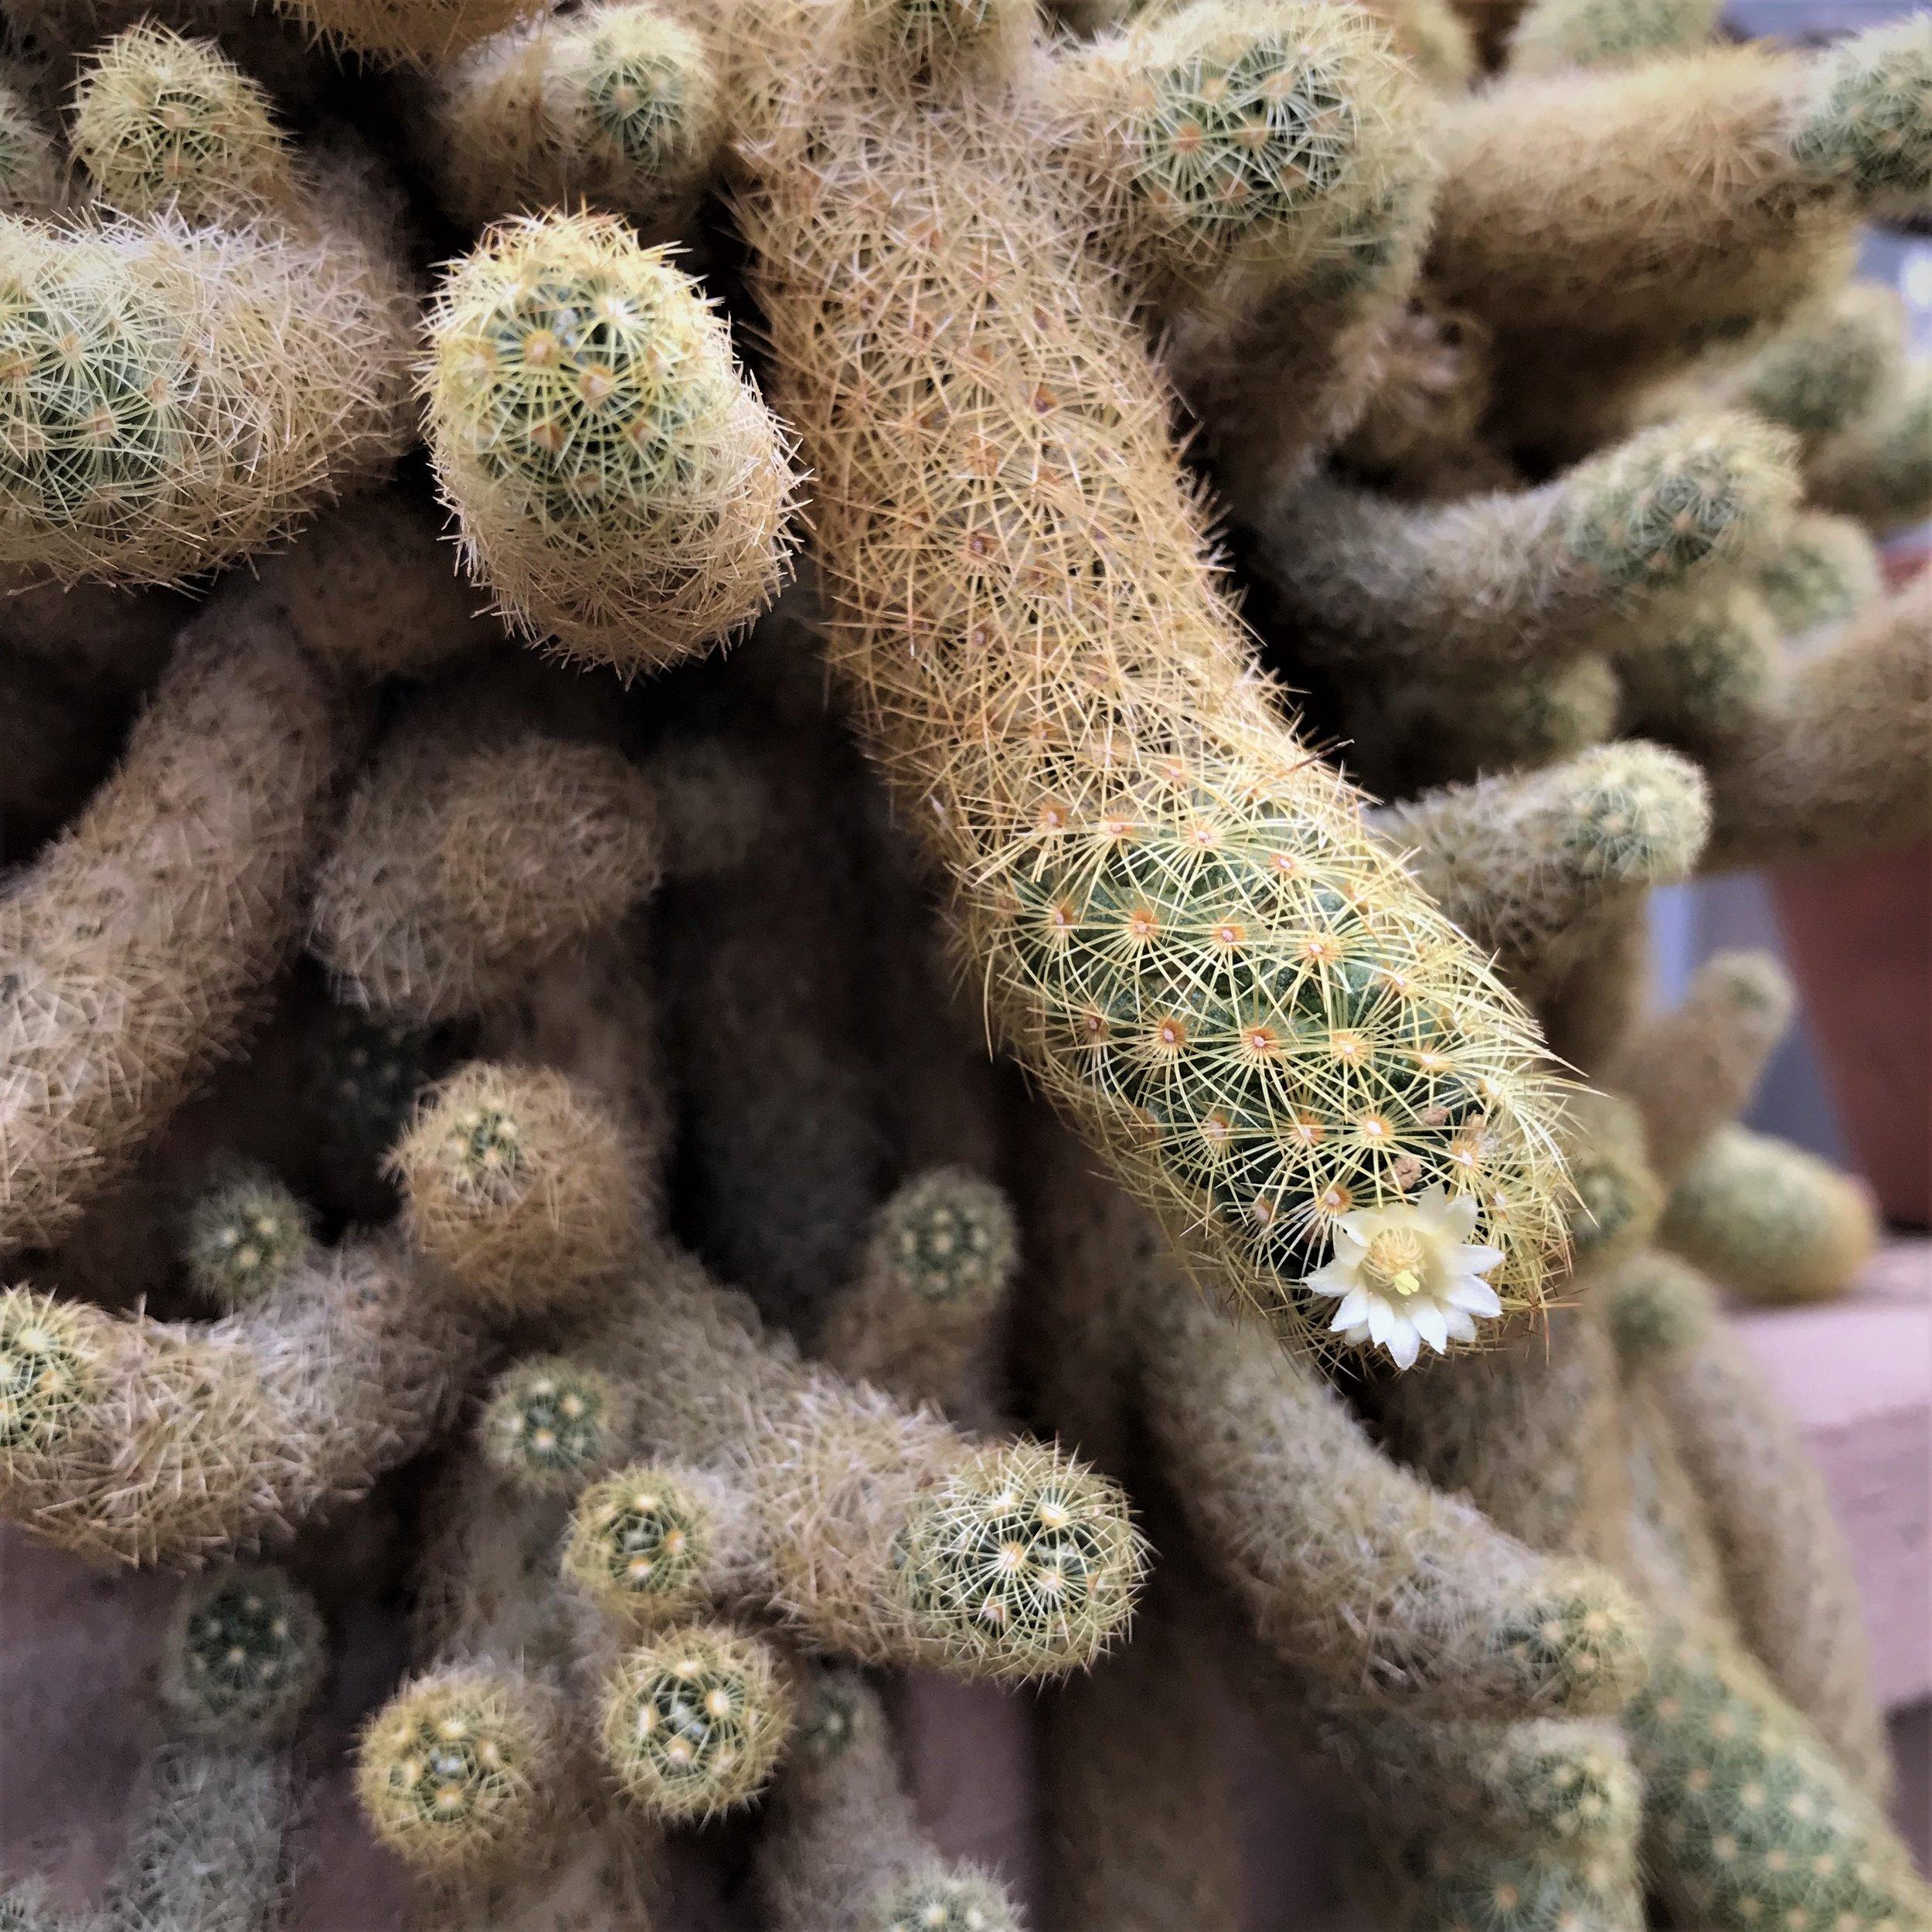 cactus flowering 1.jpg